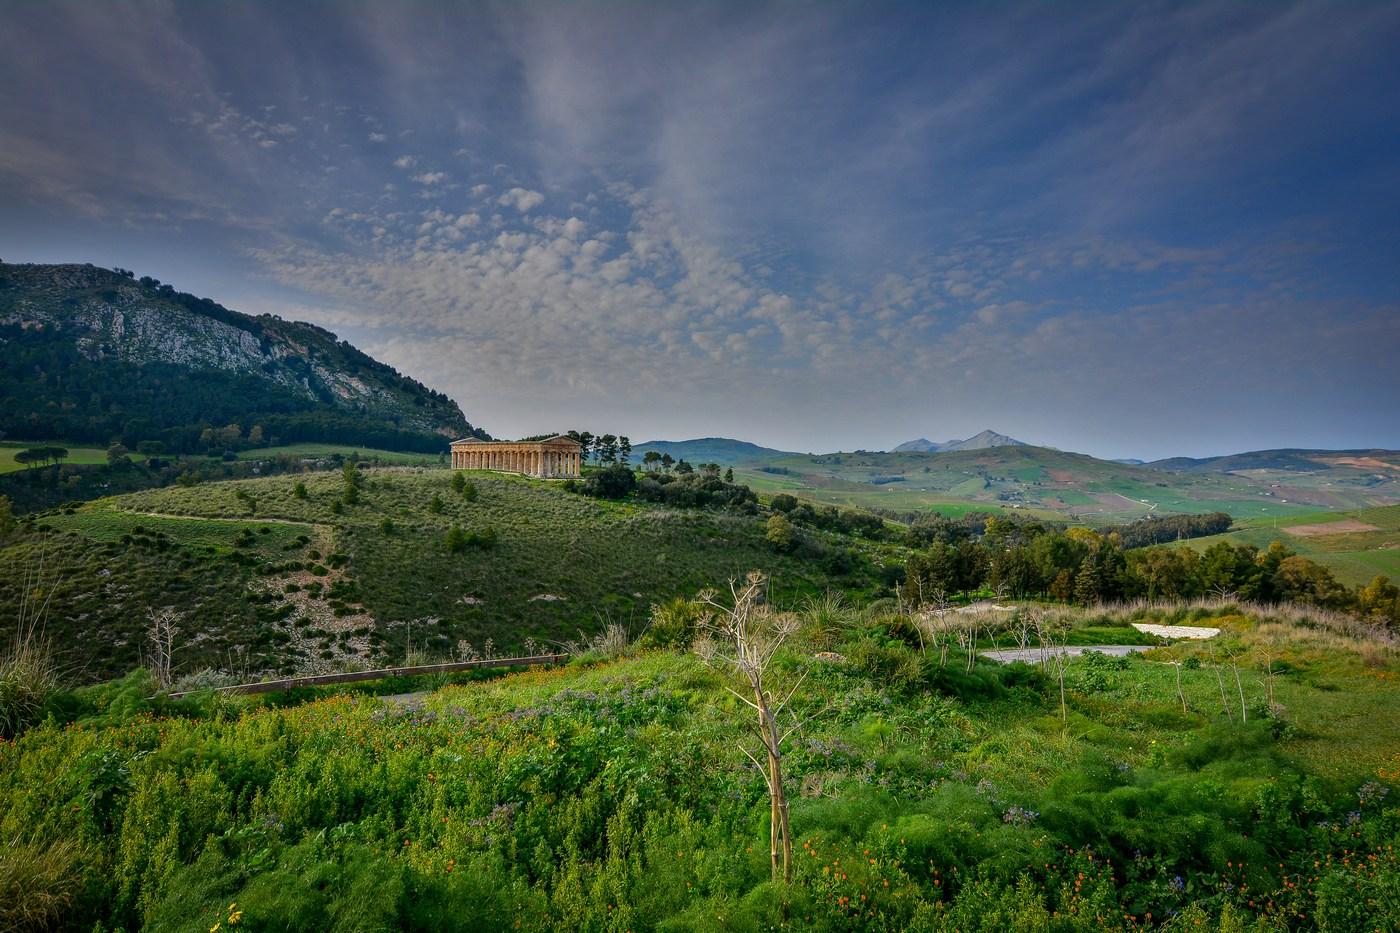 C'est un des endroits que nous avons préférés de la Sicile : ce temple immense, si petit dans le paysage environnant, en dit long sur les endroits choisis par les Grecs pour édifier leurs colosses.